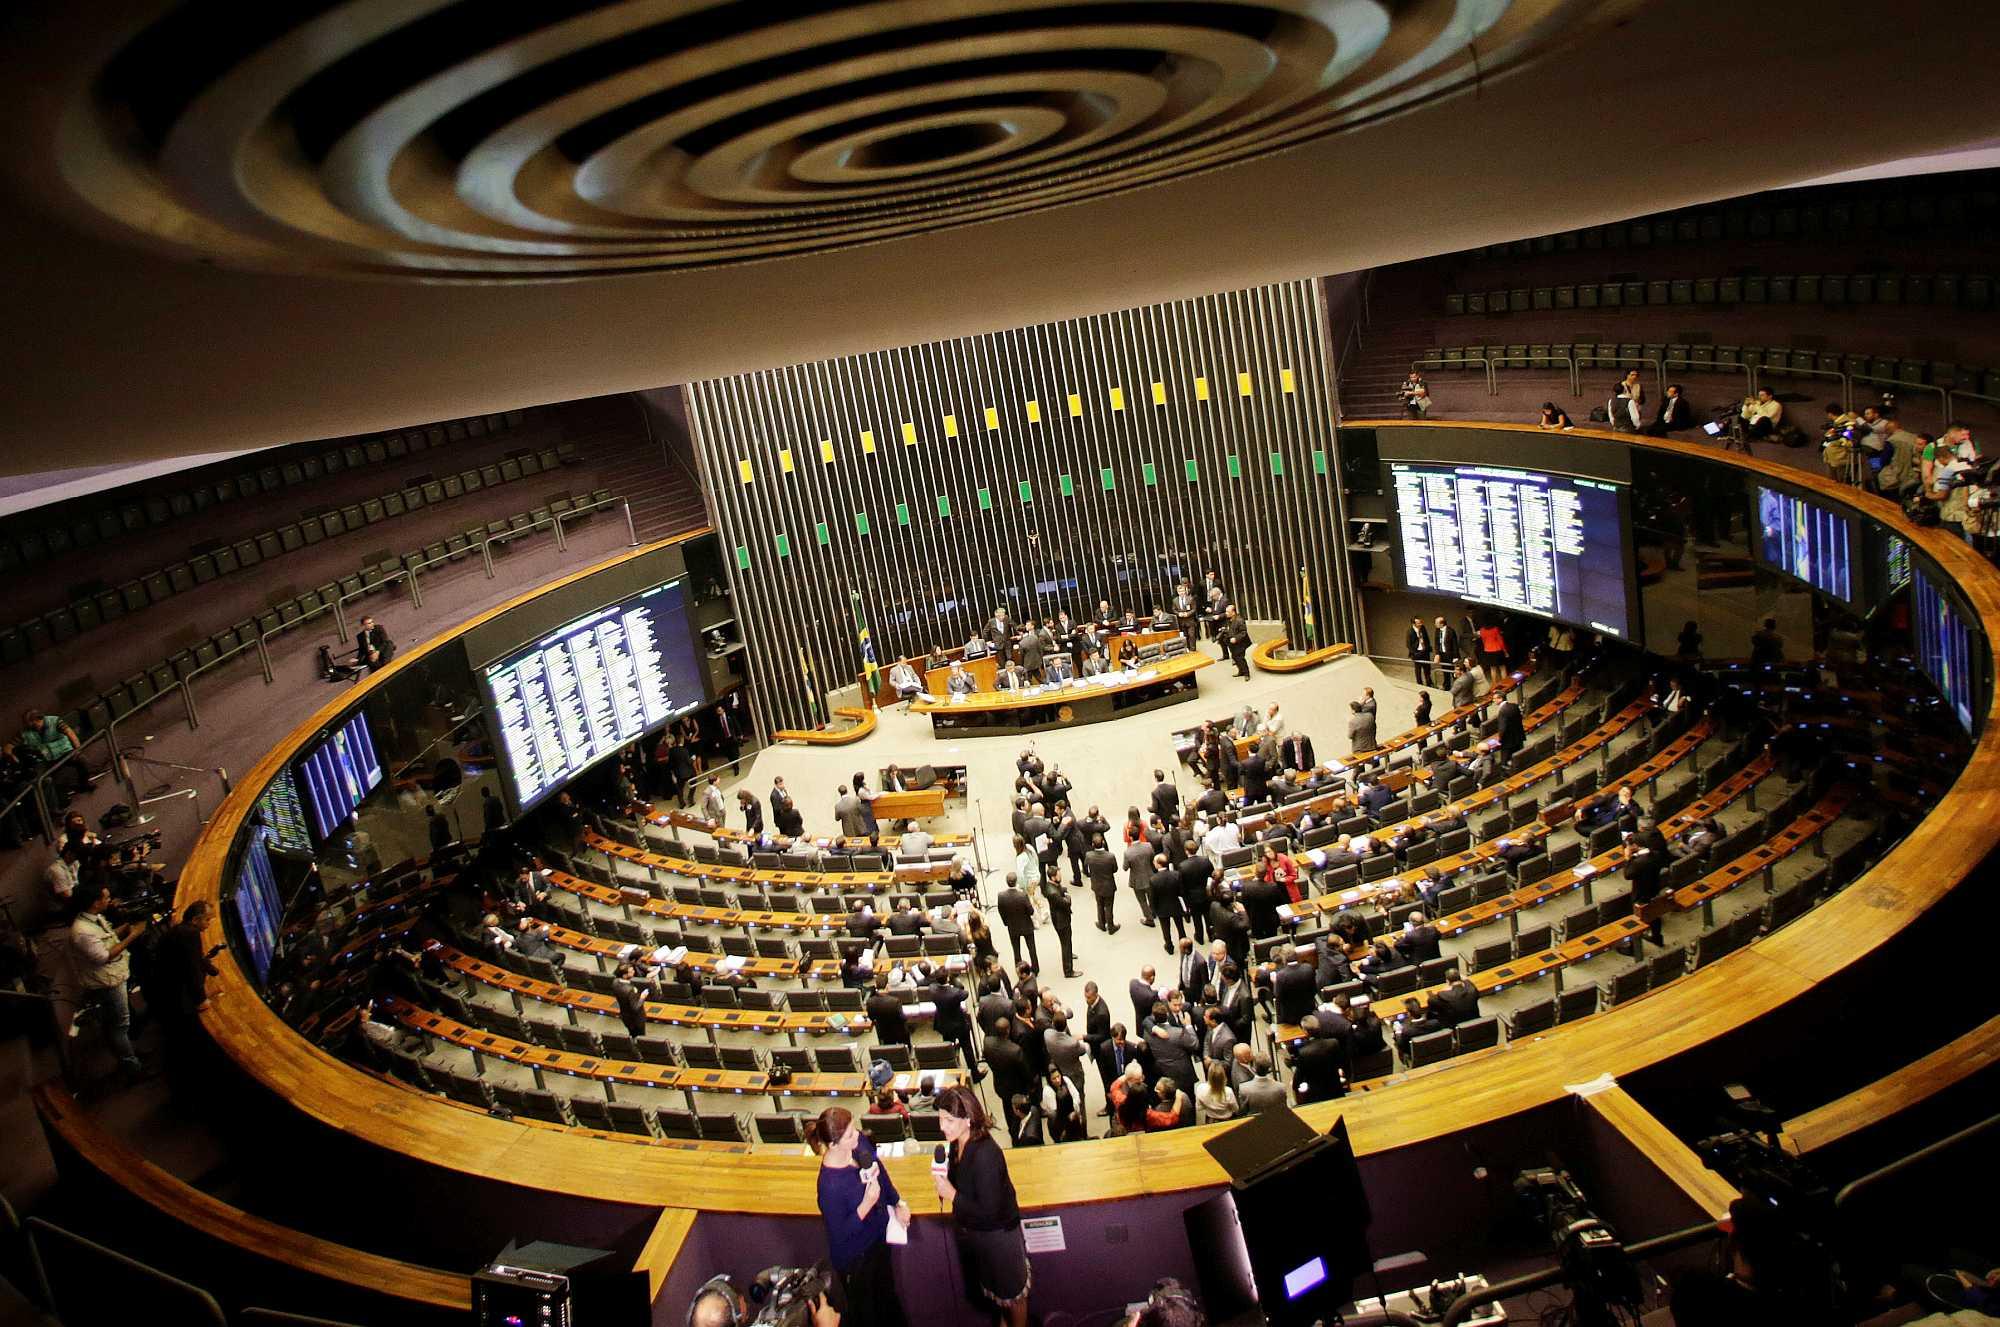 البرلمان البرازيلى يفرض ارتداء الأقنعة الواقية من كورونا فى الأماكن المغلقة